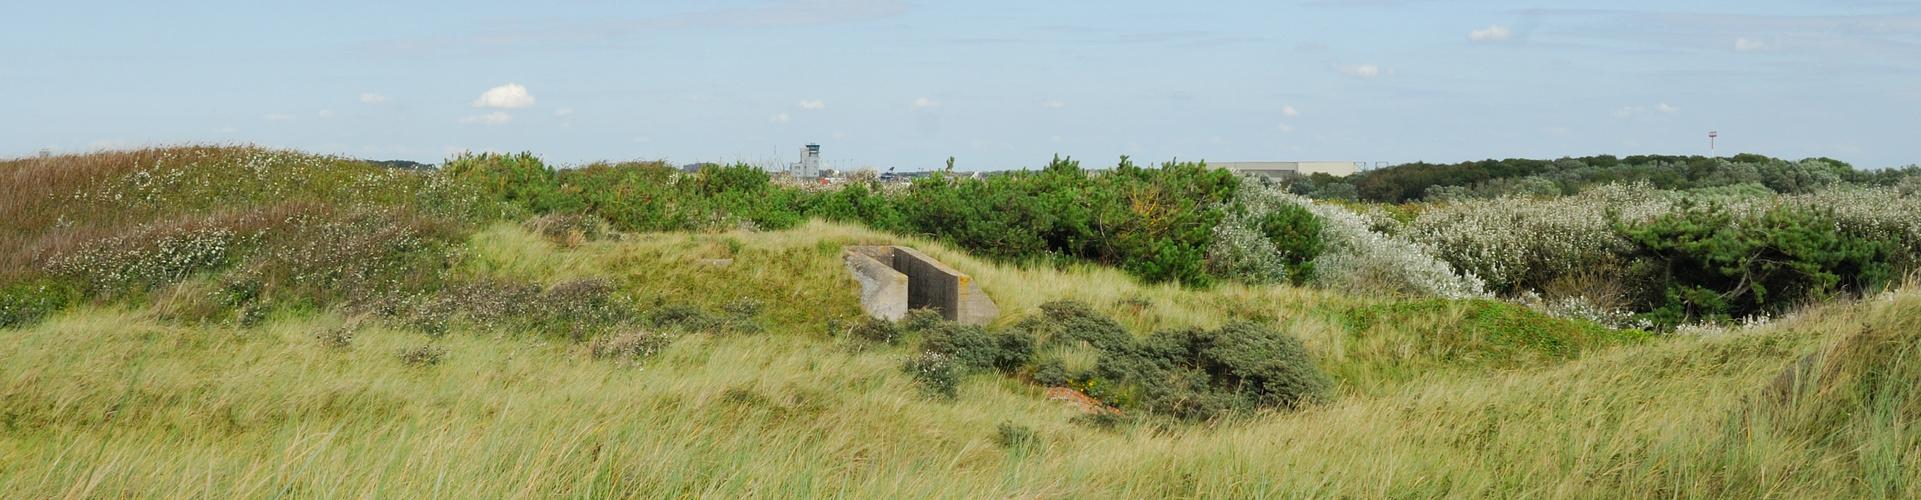 Bunkeranlage Bj. ca. 1911 bei Oostende-Belgien Atlantikwall 5